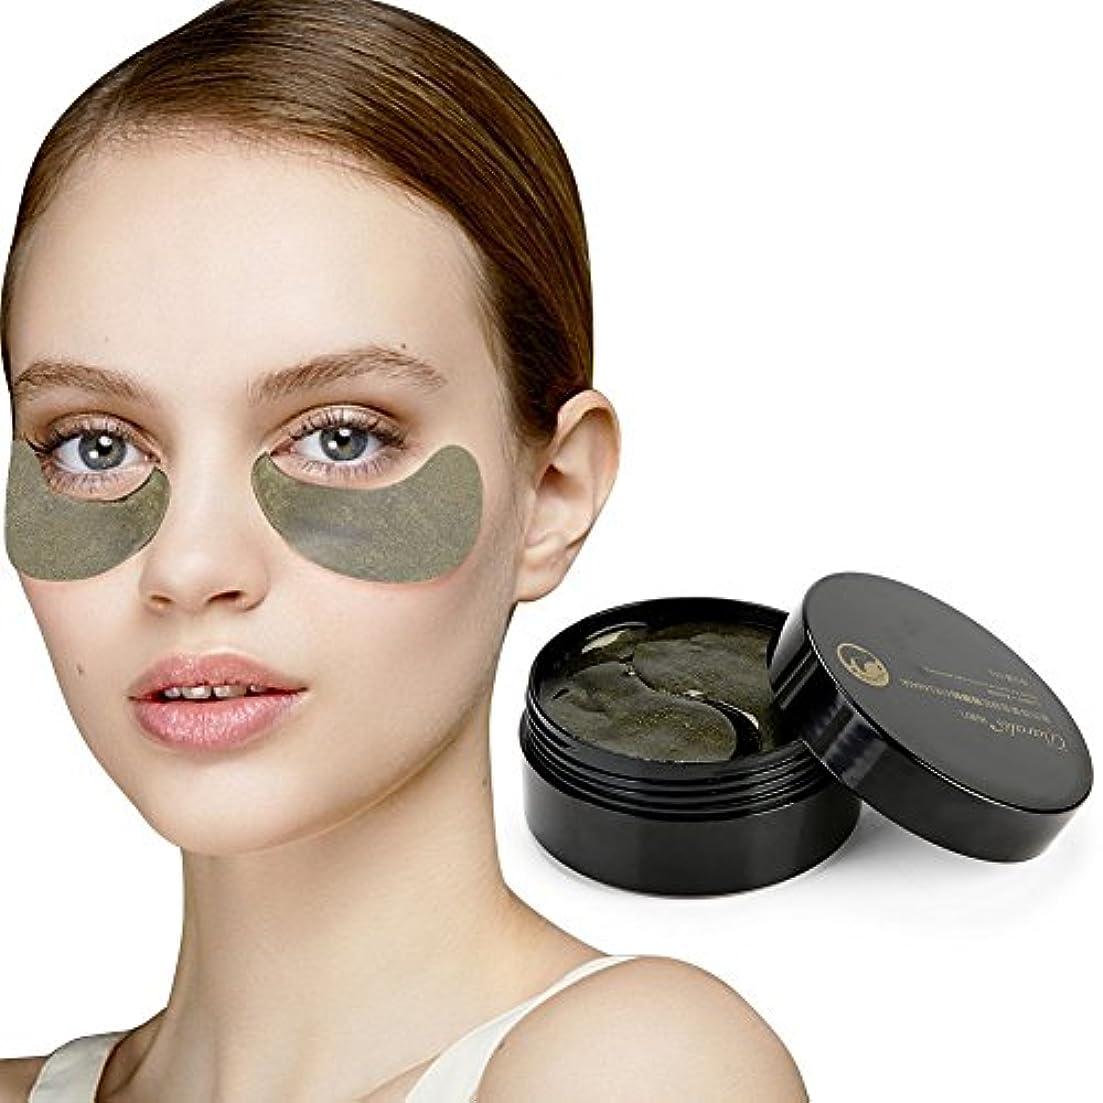 休眠ドール最悪コラーゲンアイマスク、アンダーアイリンクルを解消するためのヒアルロン酸モイスチャライザー、アンチエイジング、女性用ギフト